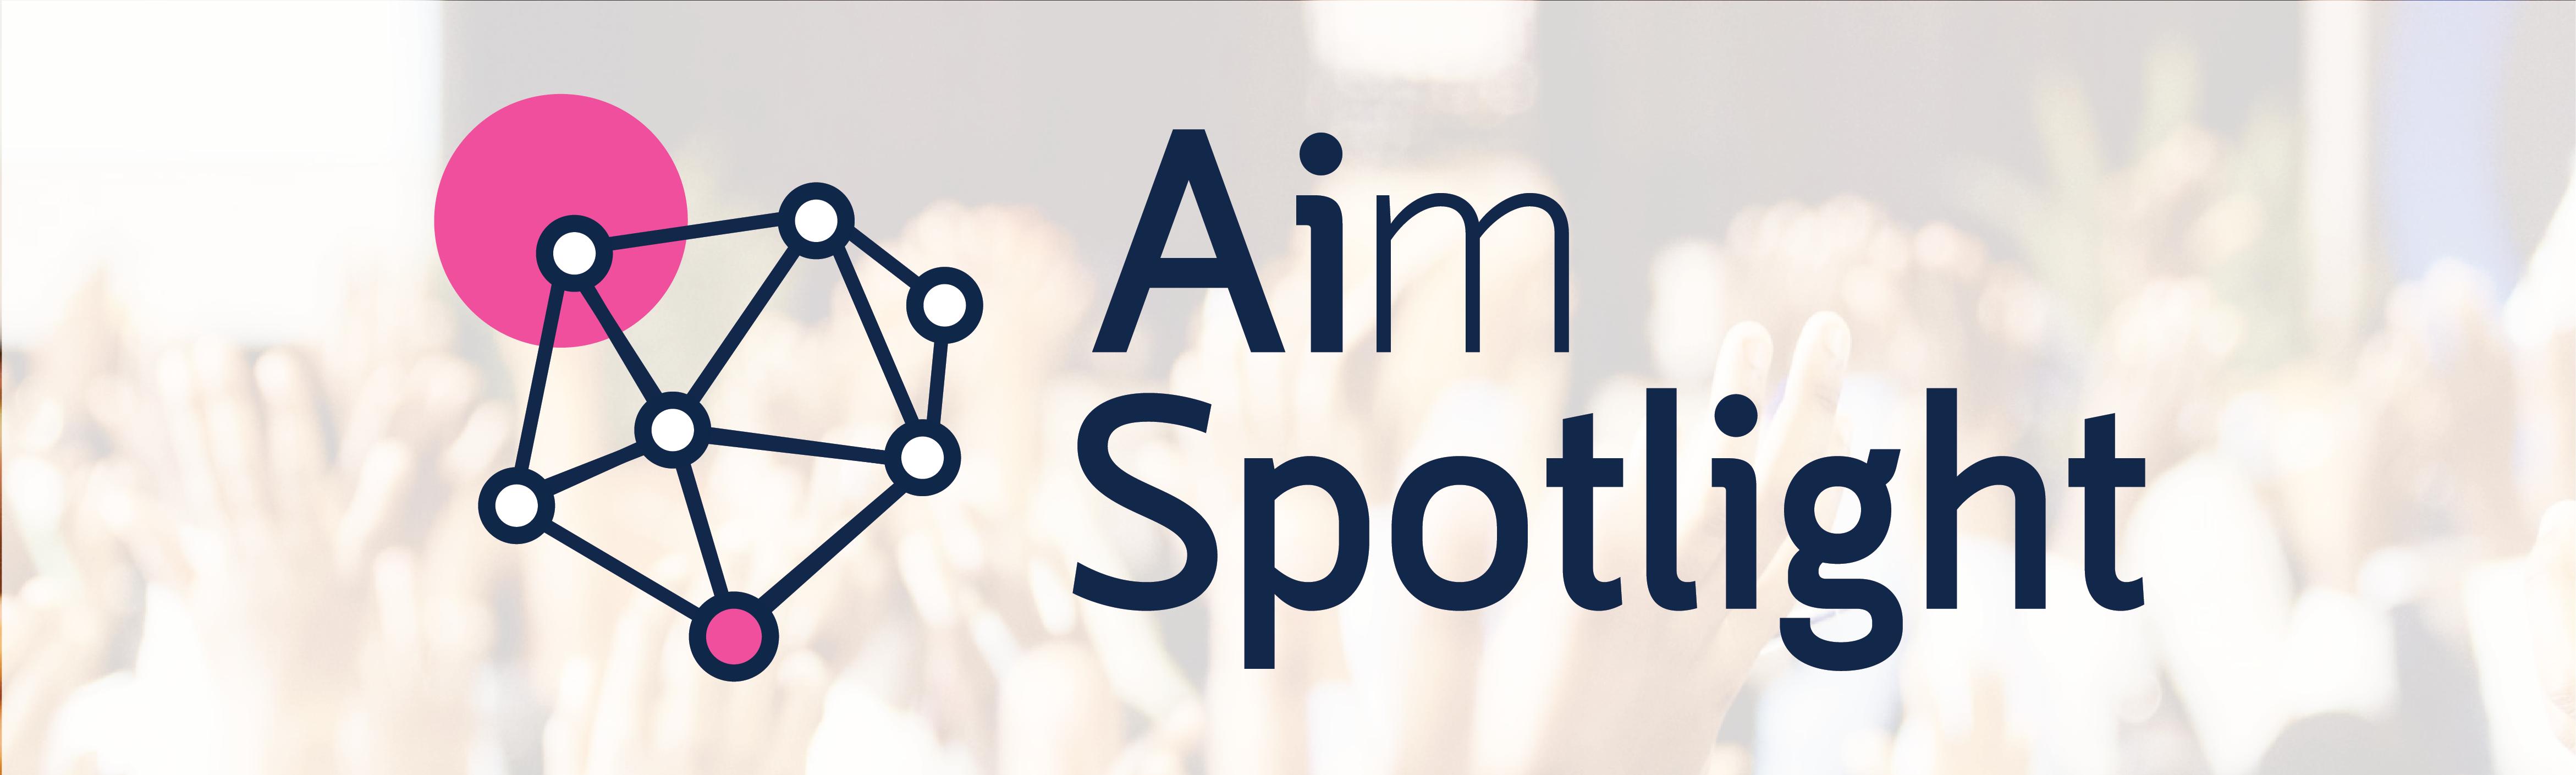 AIM Spotlight